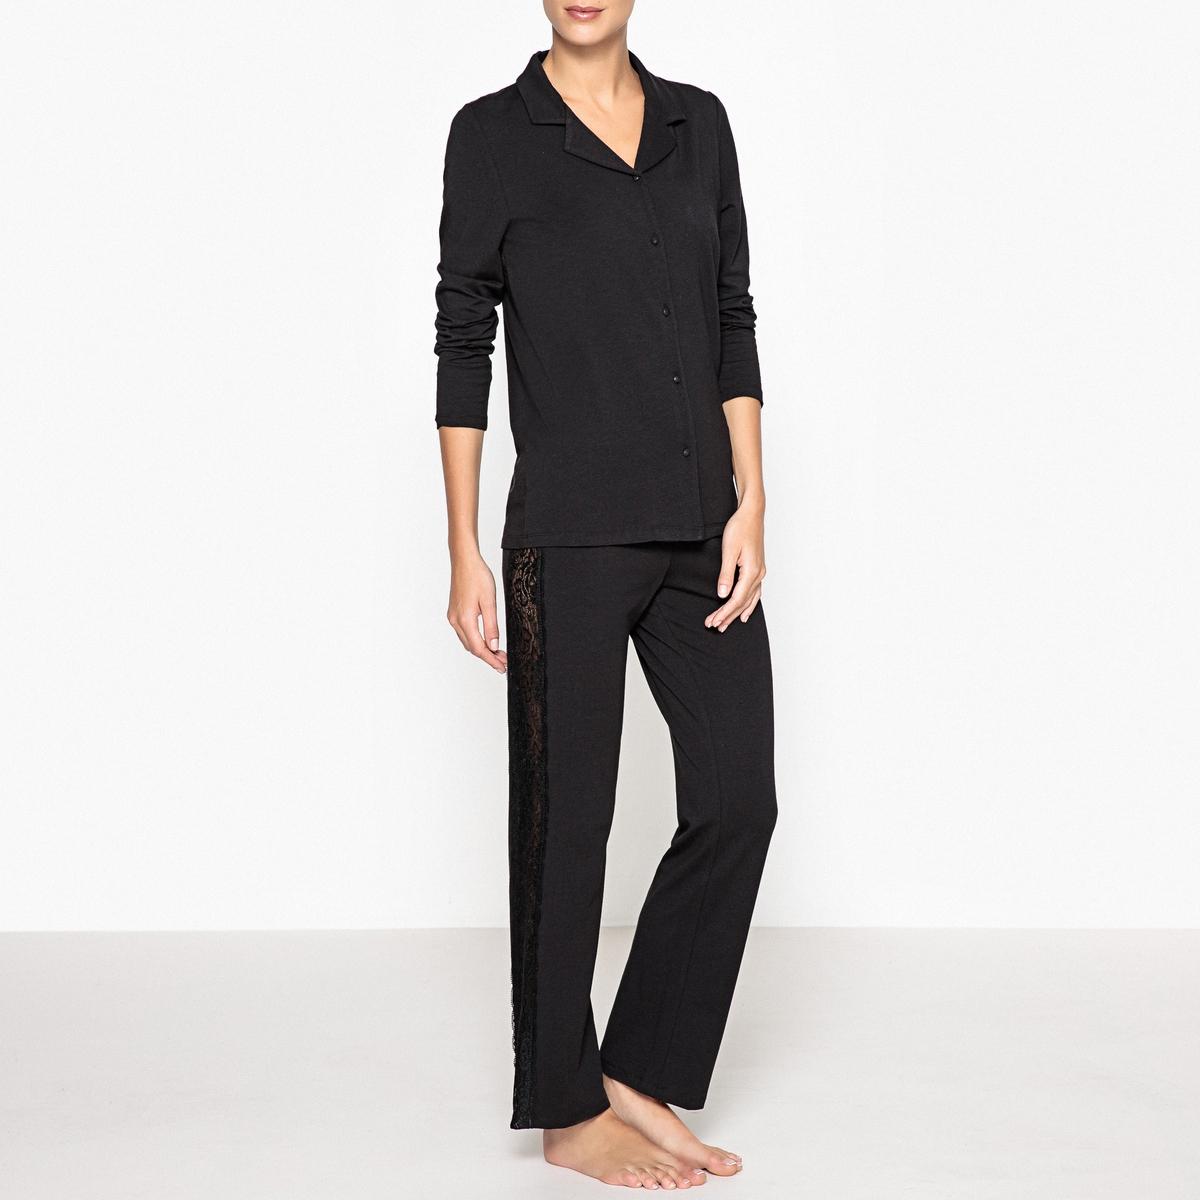 Пижама с кружевными деталямиРомантичная пижама немного в винтажном стиле прямого покроя украшена кружевом. Комфорт, мягкость и женственность гарантированы. Состав и описаниеПижама прямого покроя.Кружевные вставки сзади и по бокам брюк, эластичный поясМатериал :  47% хлопка, 47% модала, 6% эластанаДлина : Рубашка ночная: 67 см.Длина по внутр.шву: 76 смУход : Стирать при температуре 30° со схожими цветами.Стирать, сушить и гладить с изнаночной стороны<br><br>Цвет: черный<br>Размер: 34/36 (FR) - 40/42 (RUS).42/44 (FR) - 48/50 (RUS)